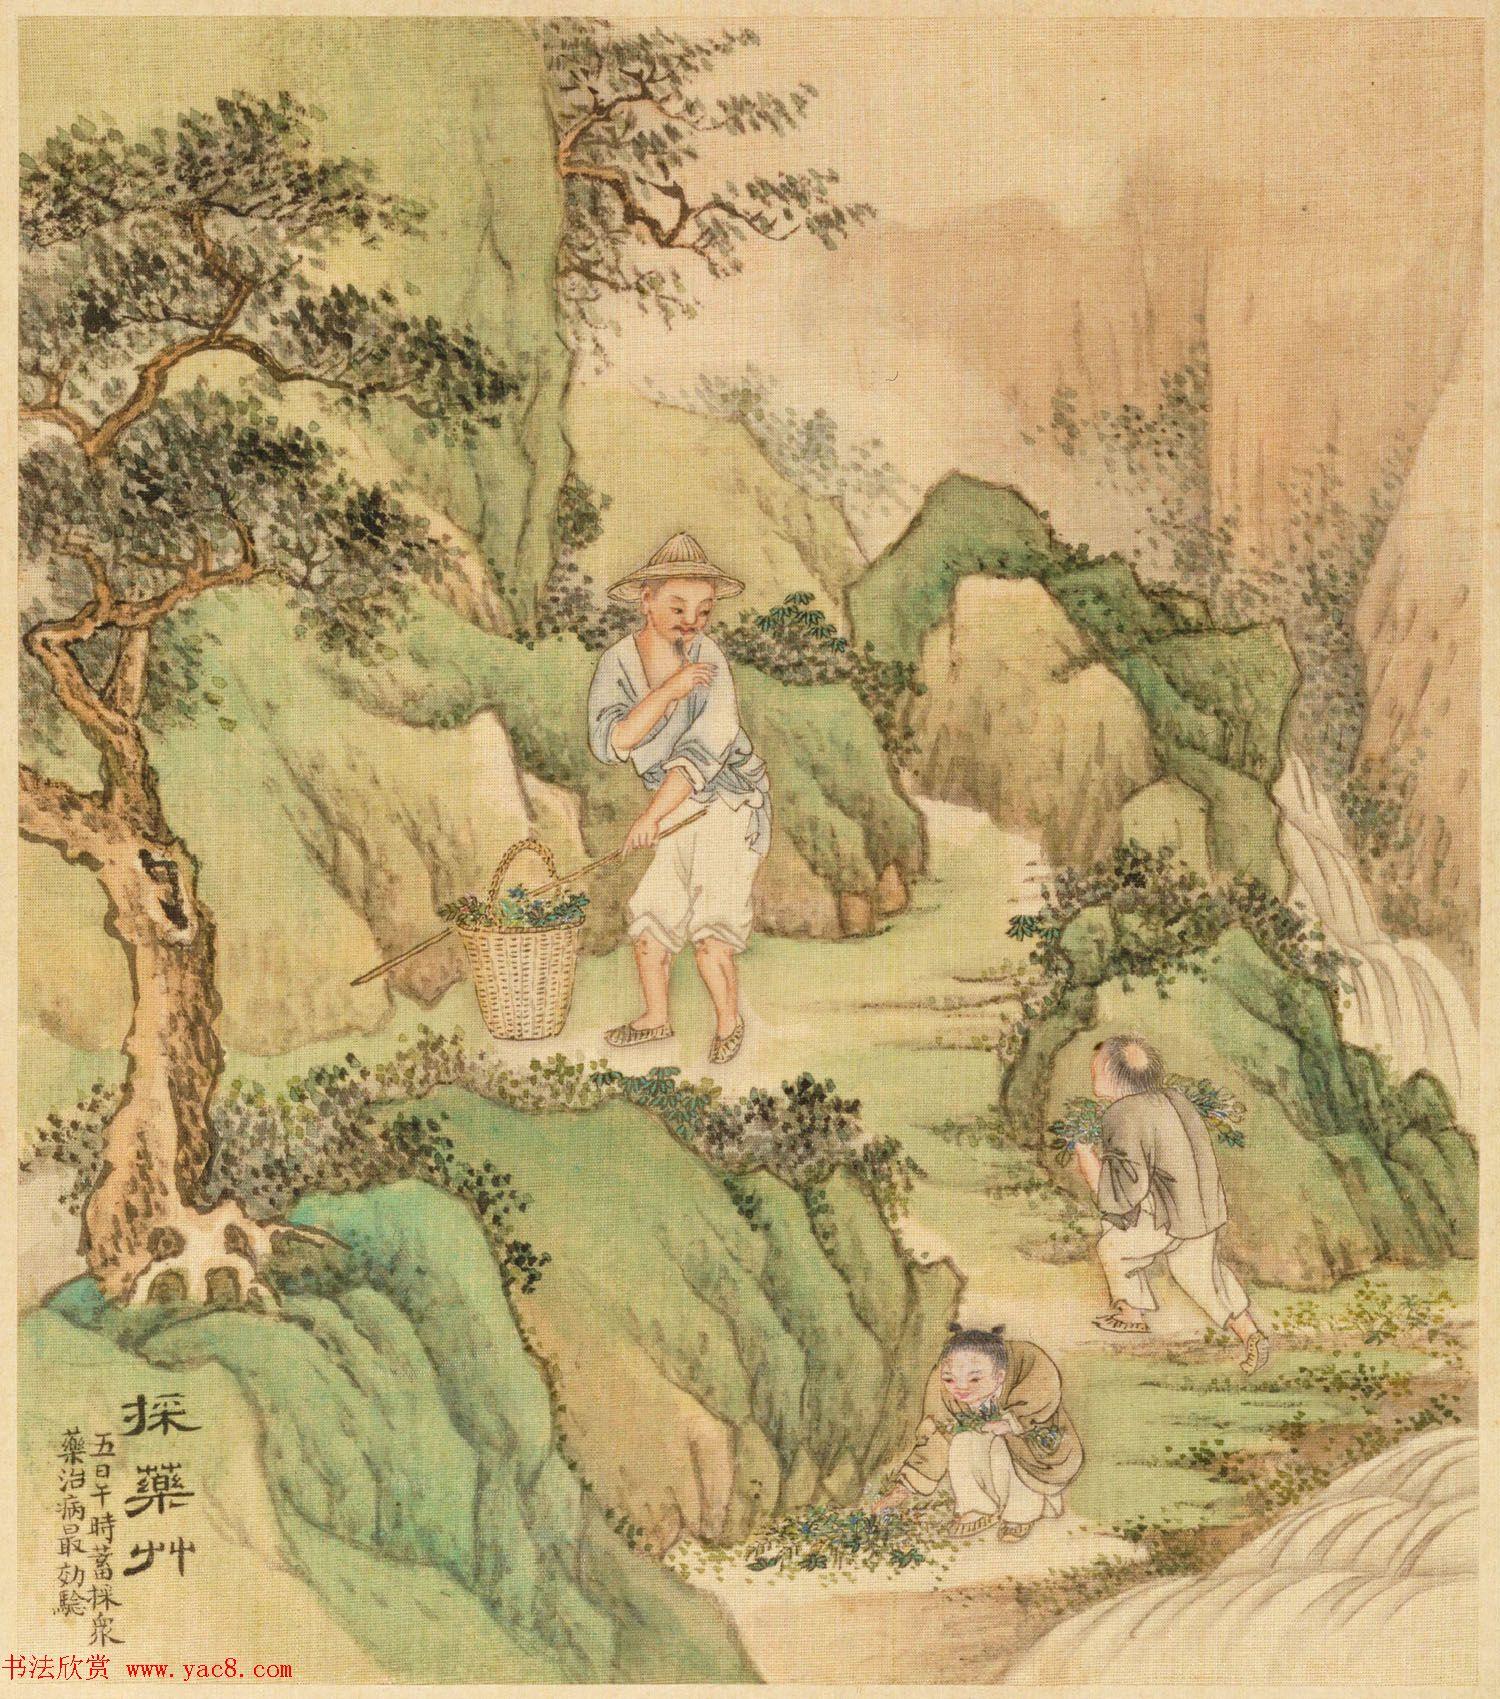 清代画家徐扬绘《端阳故事图册》